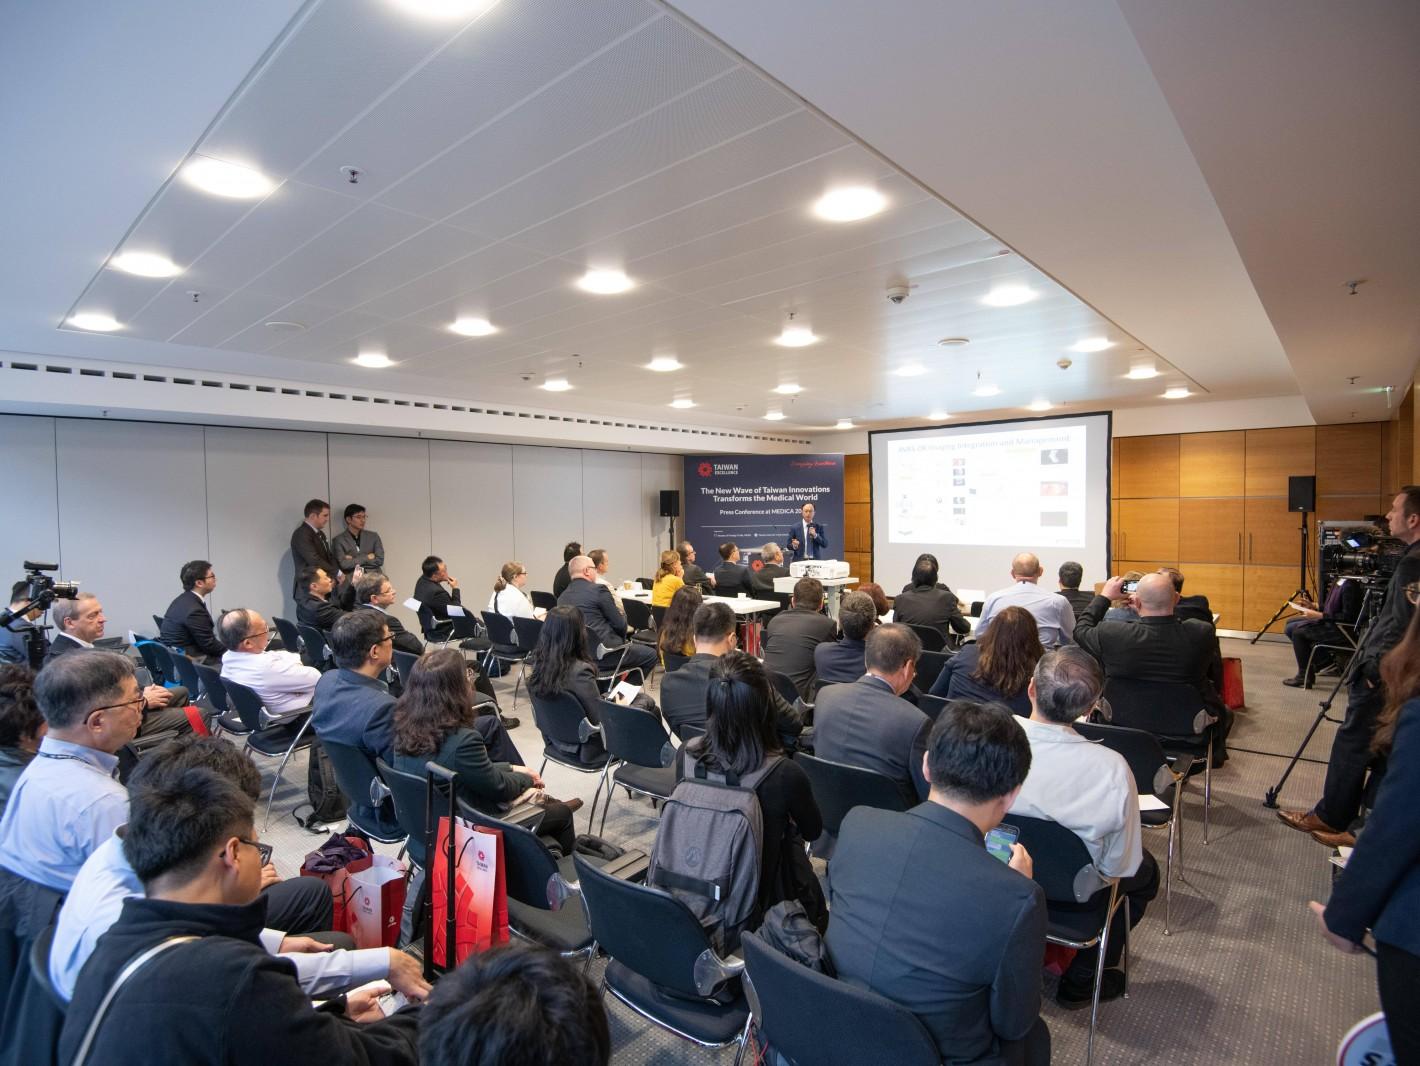 2019 MEDICA台灣精品館國際記者會吸引超過60位媒體及買主前來